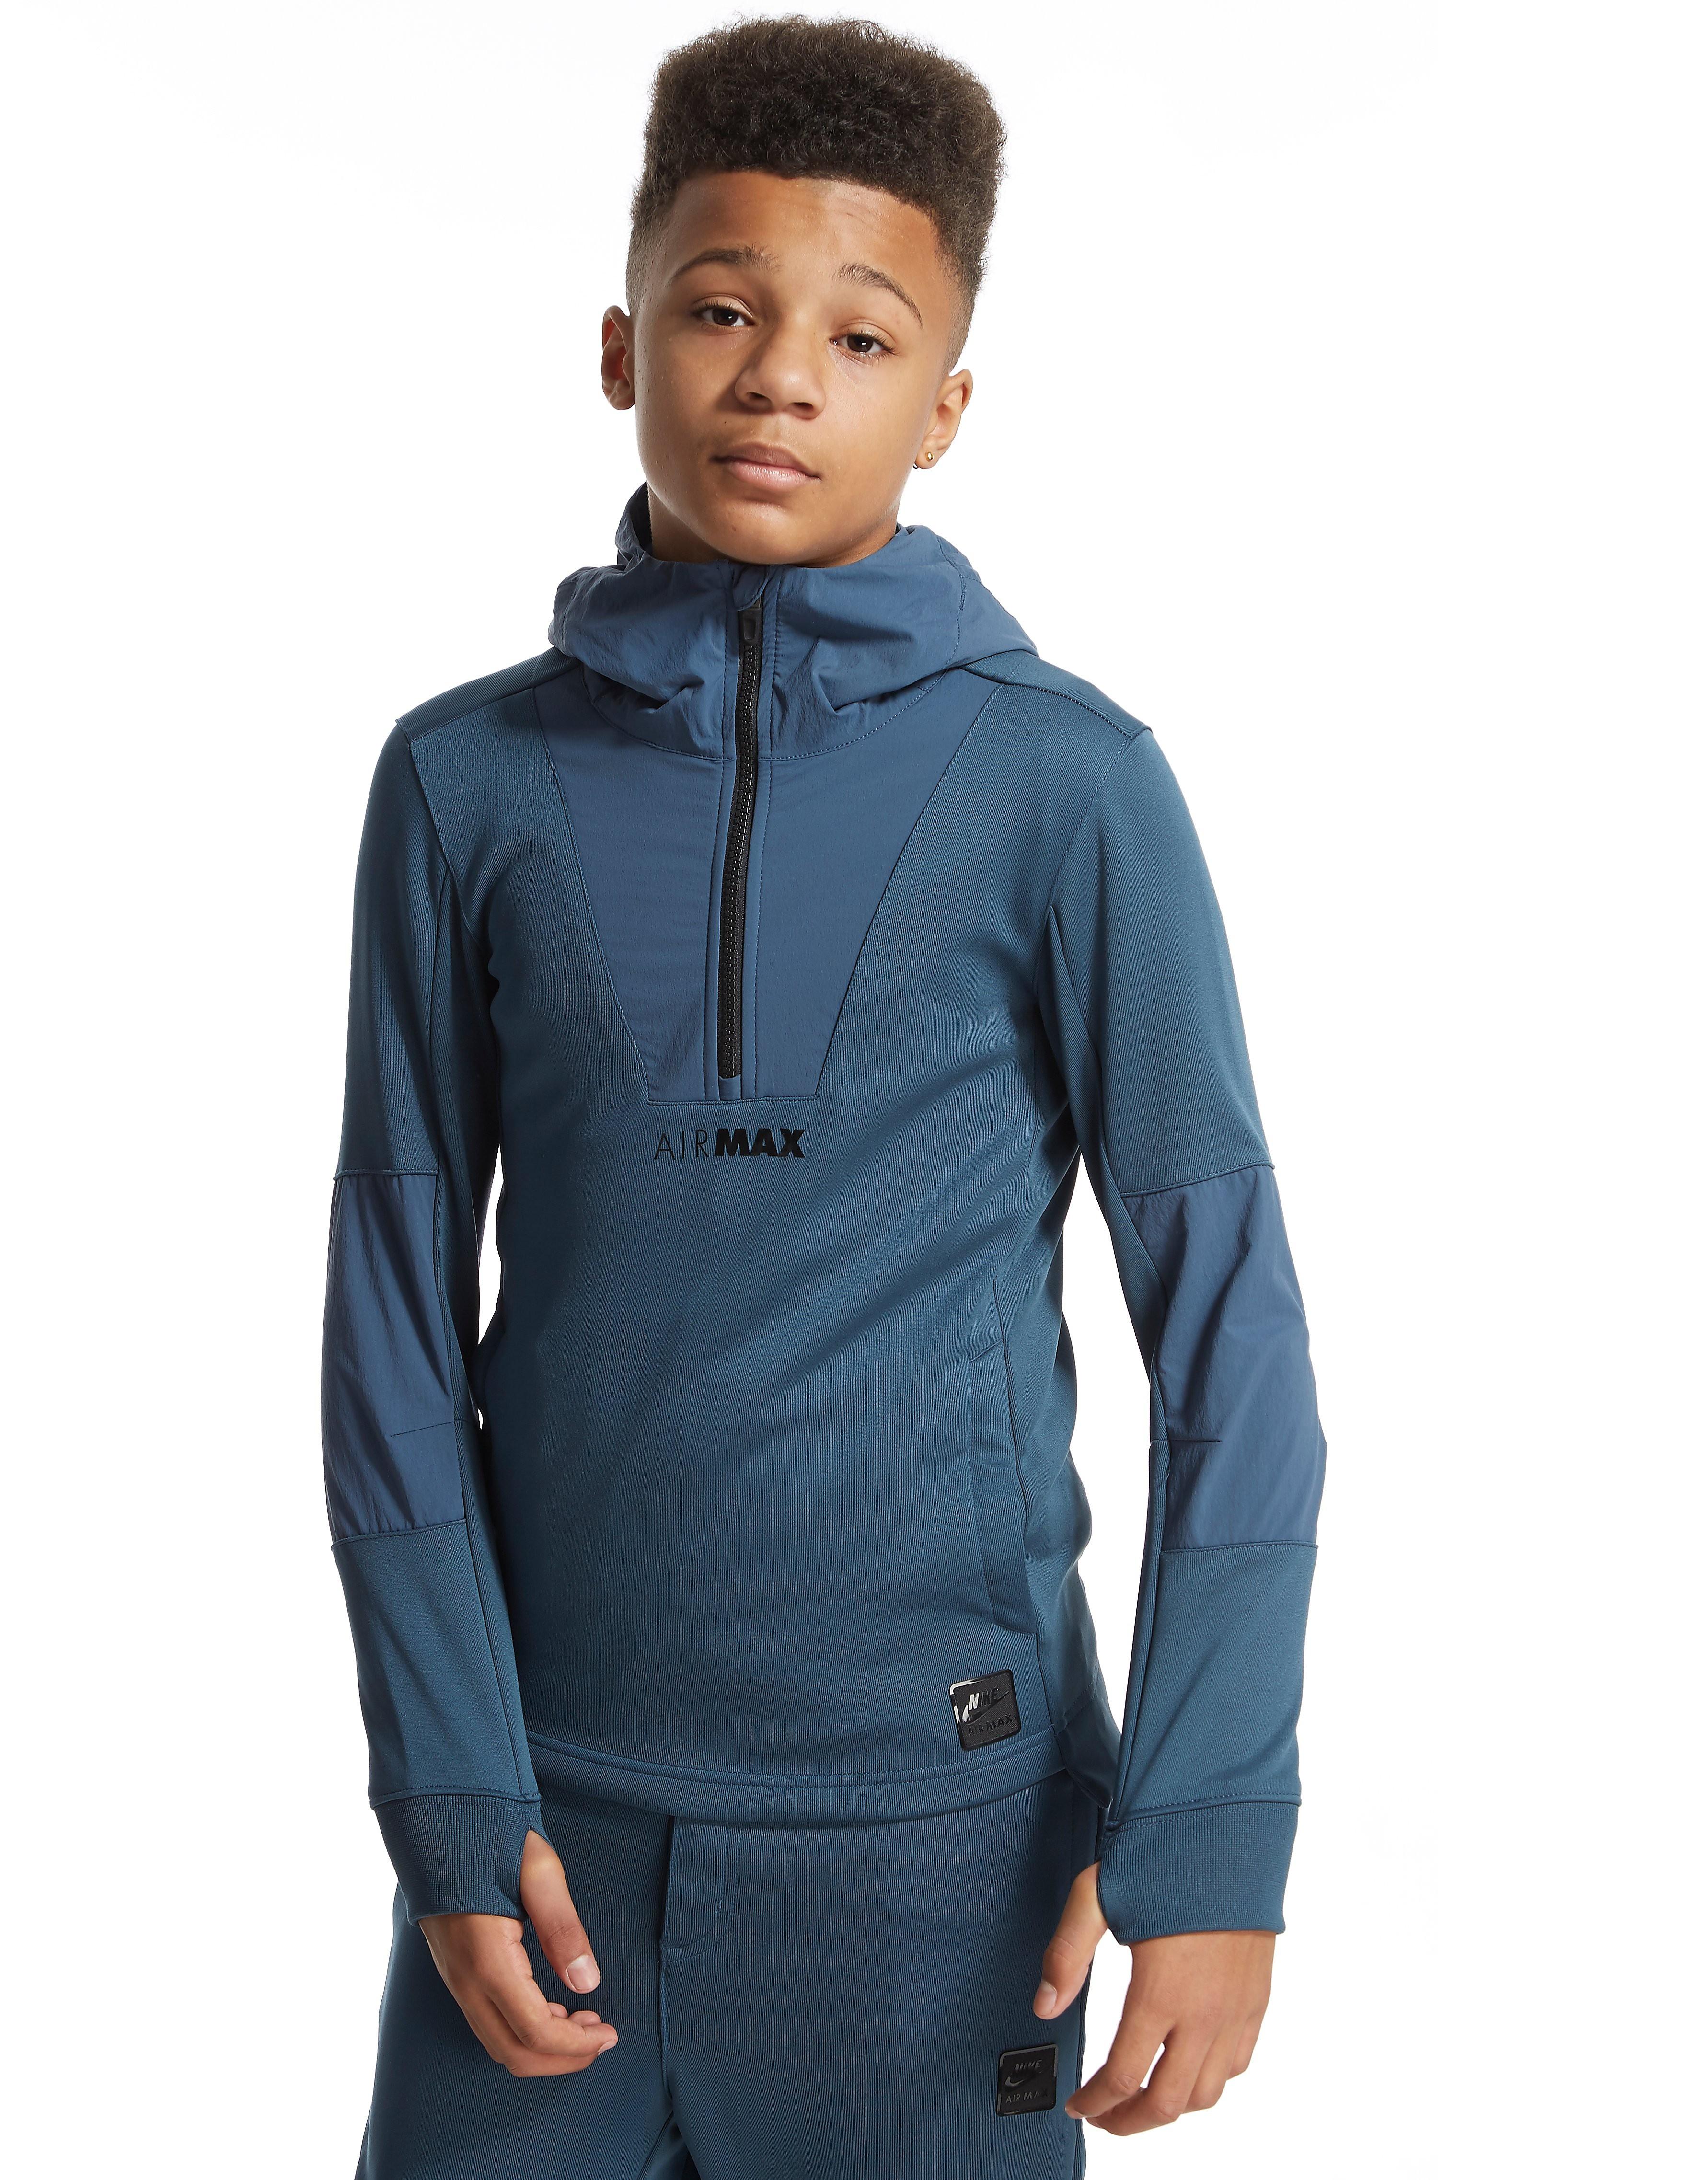 Nike Air Max Hoody Junior